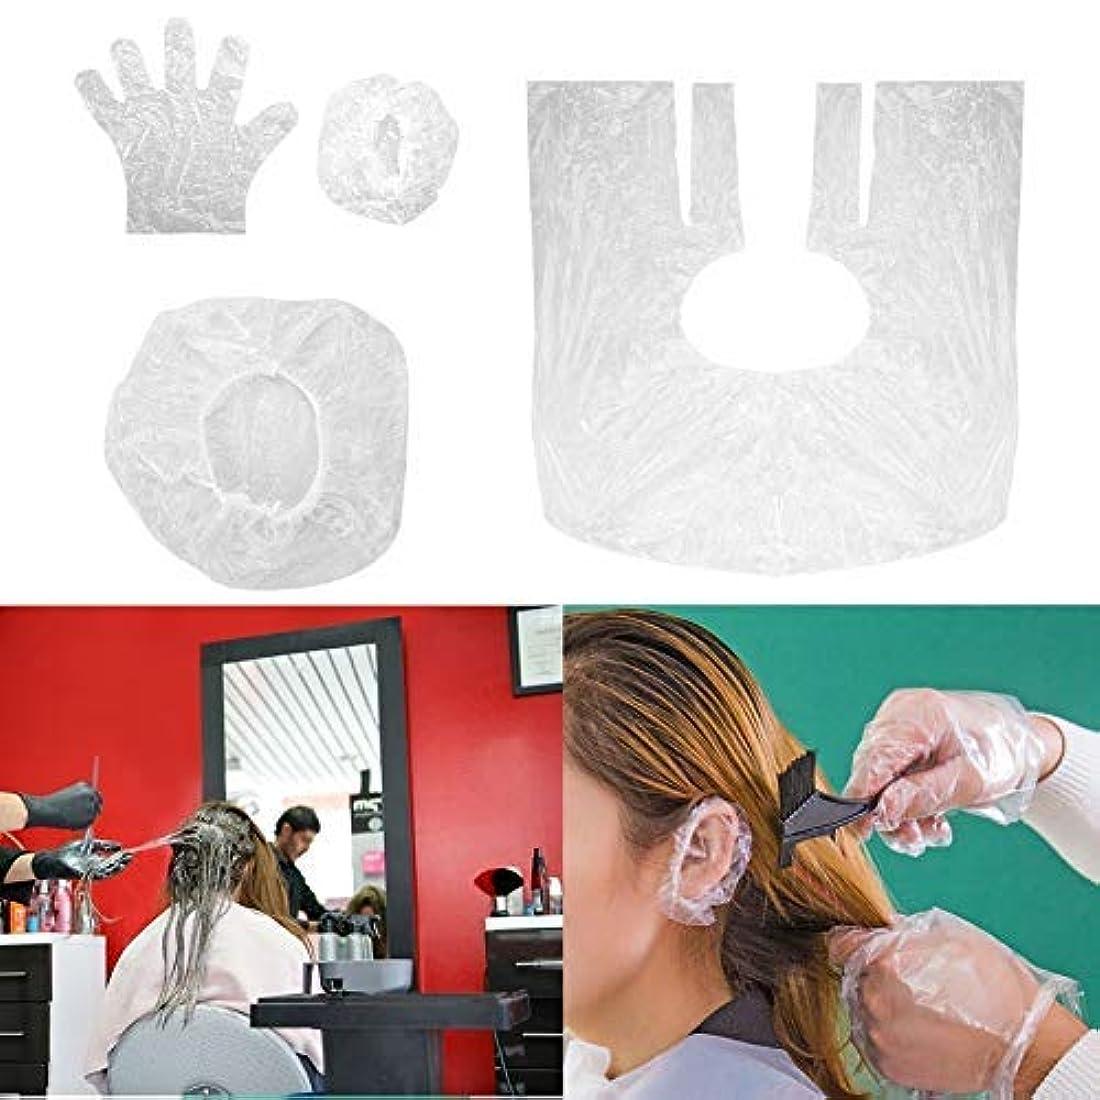 チキンルール急降下毛染め用 髪染め シャワーキャップ サロン 耳キャップ シャワーキャップ 手袋 使い捨て 10点セット